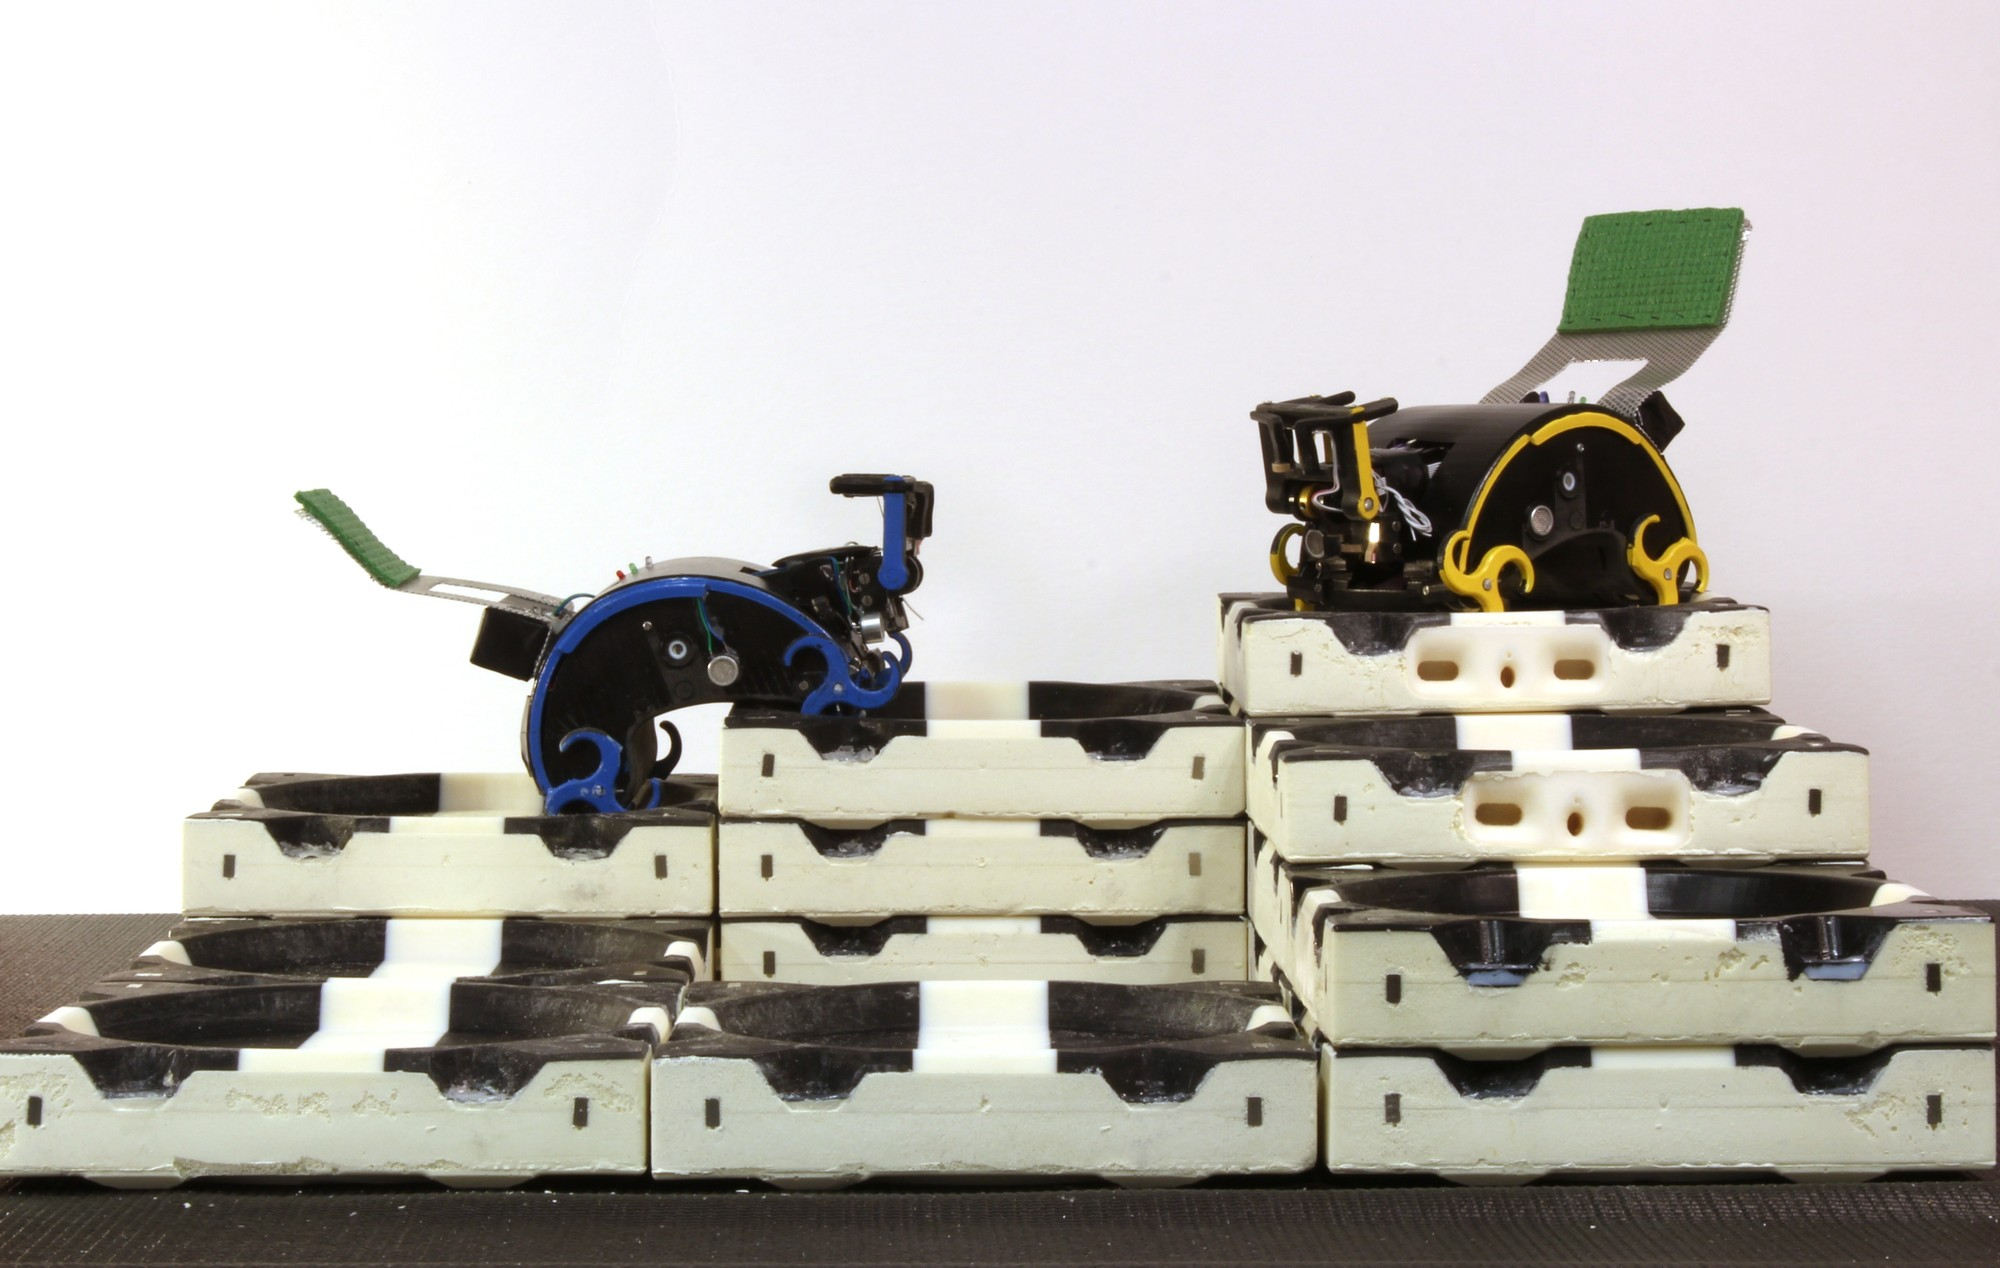 TERMES: Un escuadrón robótico que construye Estructuras Modulares, © Radhika Nagpal